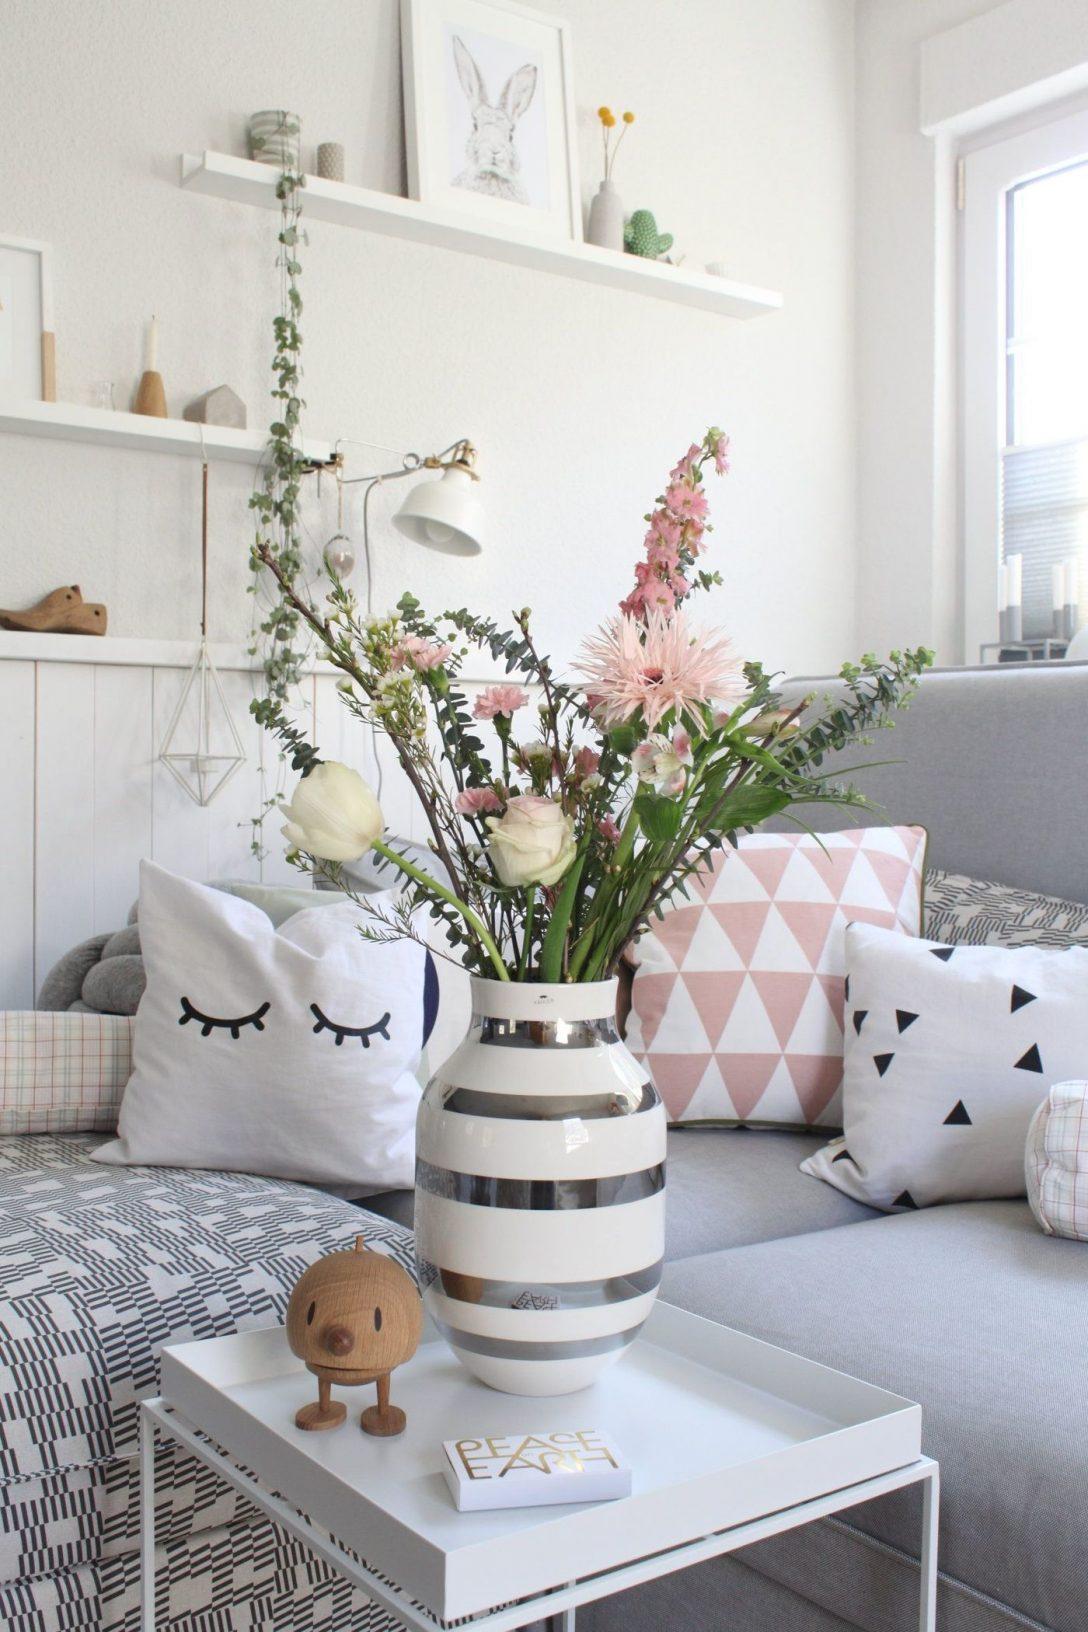 Large Size of Ikea Küche Kosten Sofa Mit Schlaffunktion Miniküche Betten 160x200 Bei Hängeregal Kaufen Modulküche Wohnzimmer Ikea Hängeregal